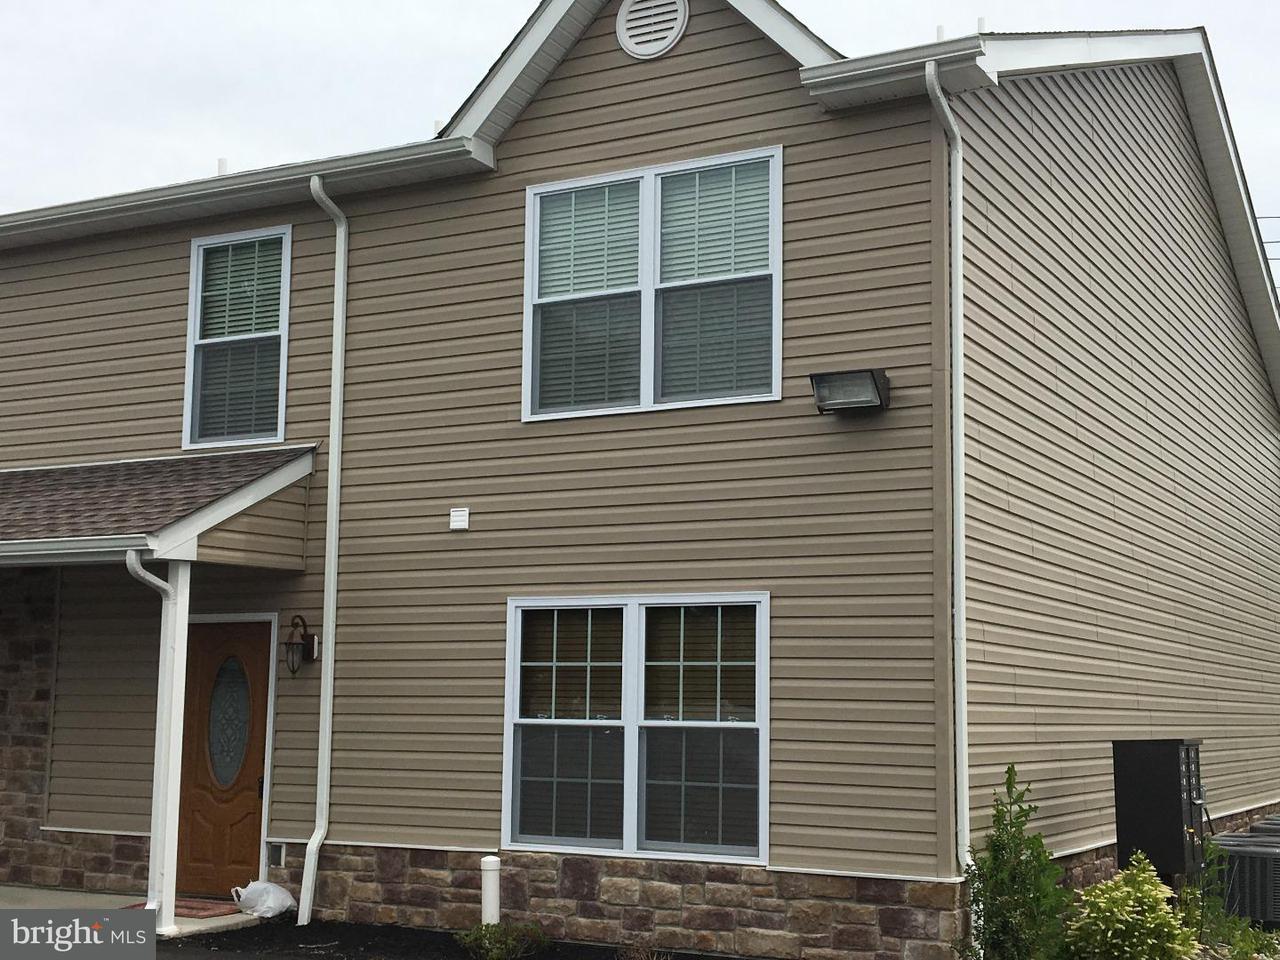 独户住宅 为 出租 在 16 BELMONT AVE #5 夸克敦, 宾夕法尼亚州 18951 美国